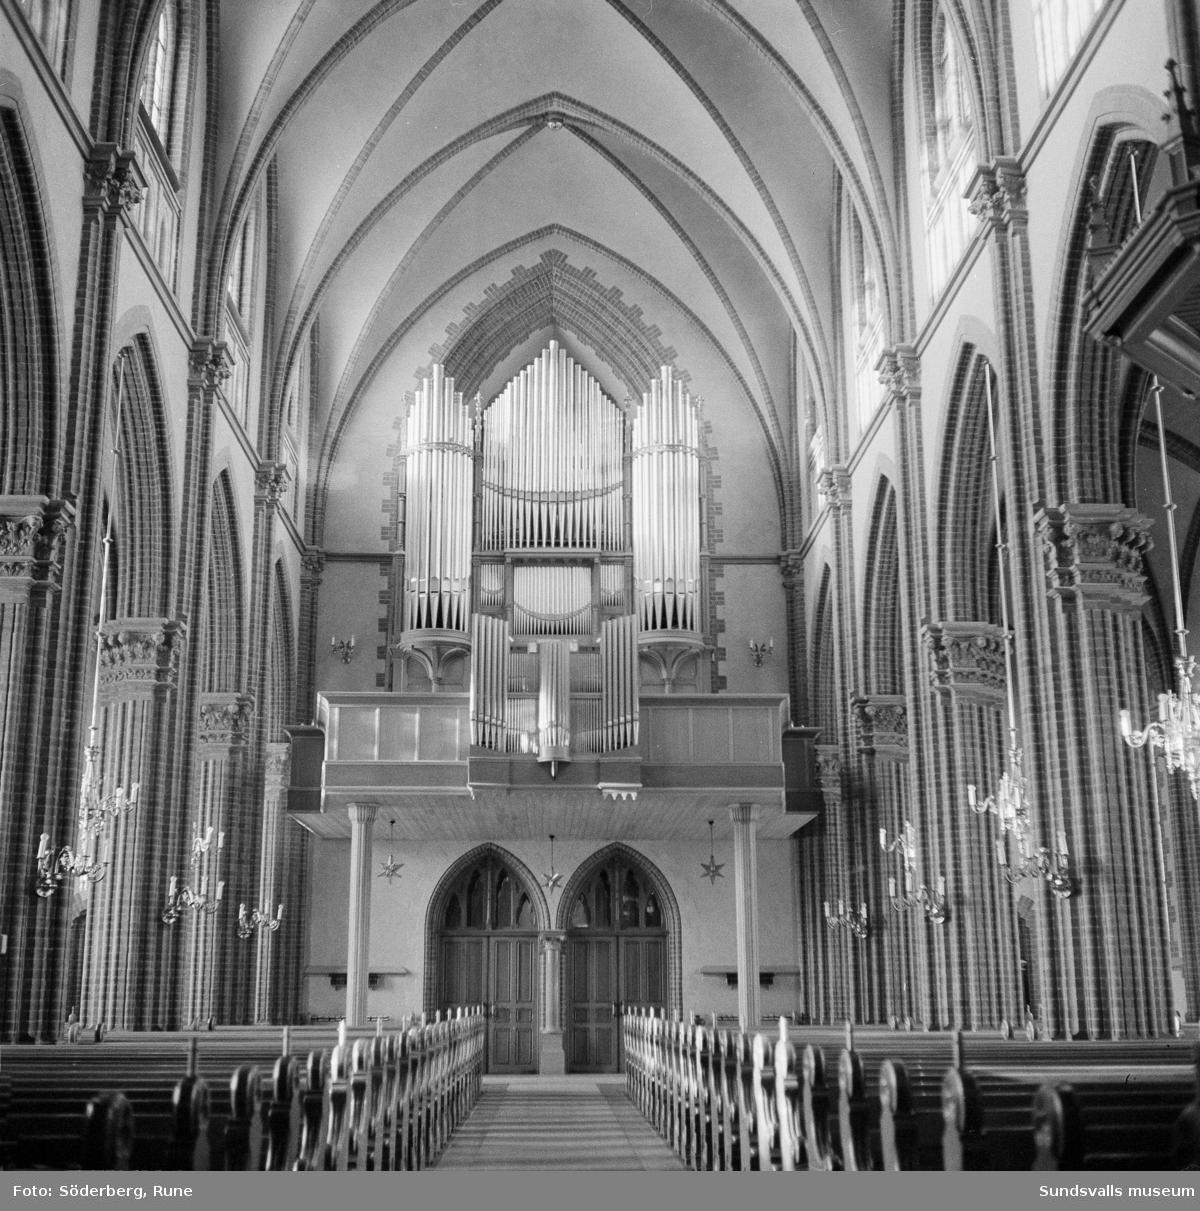 Interiör från Gustav Adolfs kyrka, Sundsvall. Mittskeppet och orgeln.